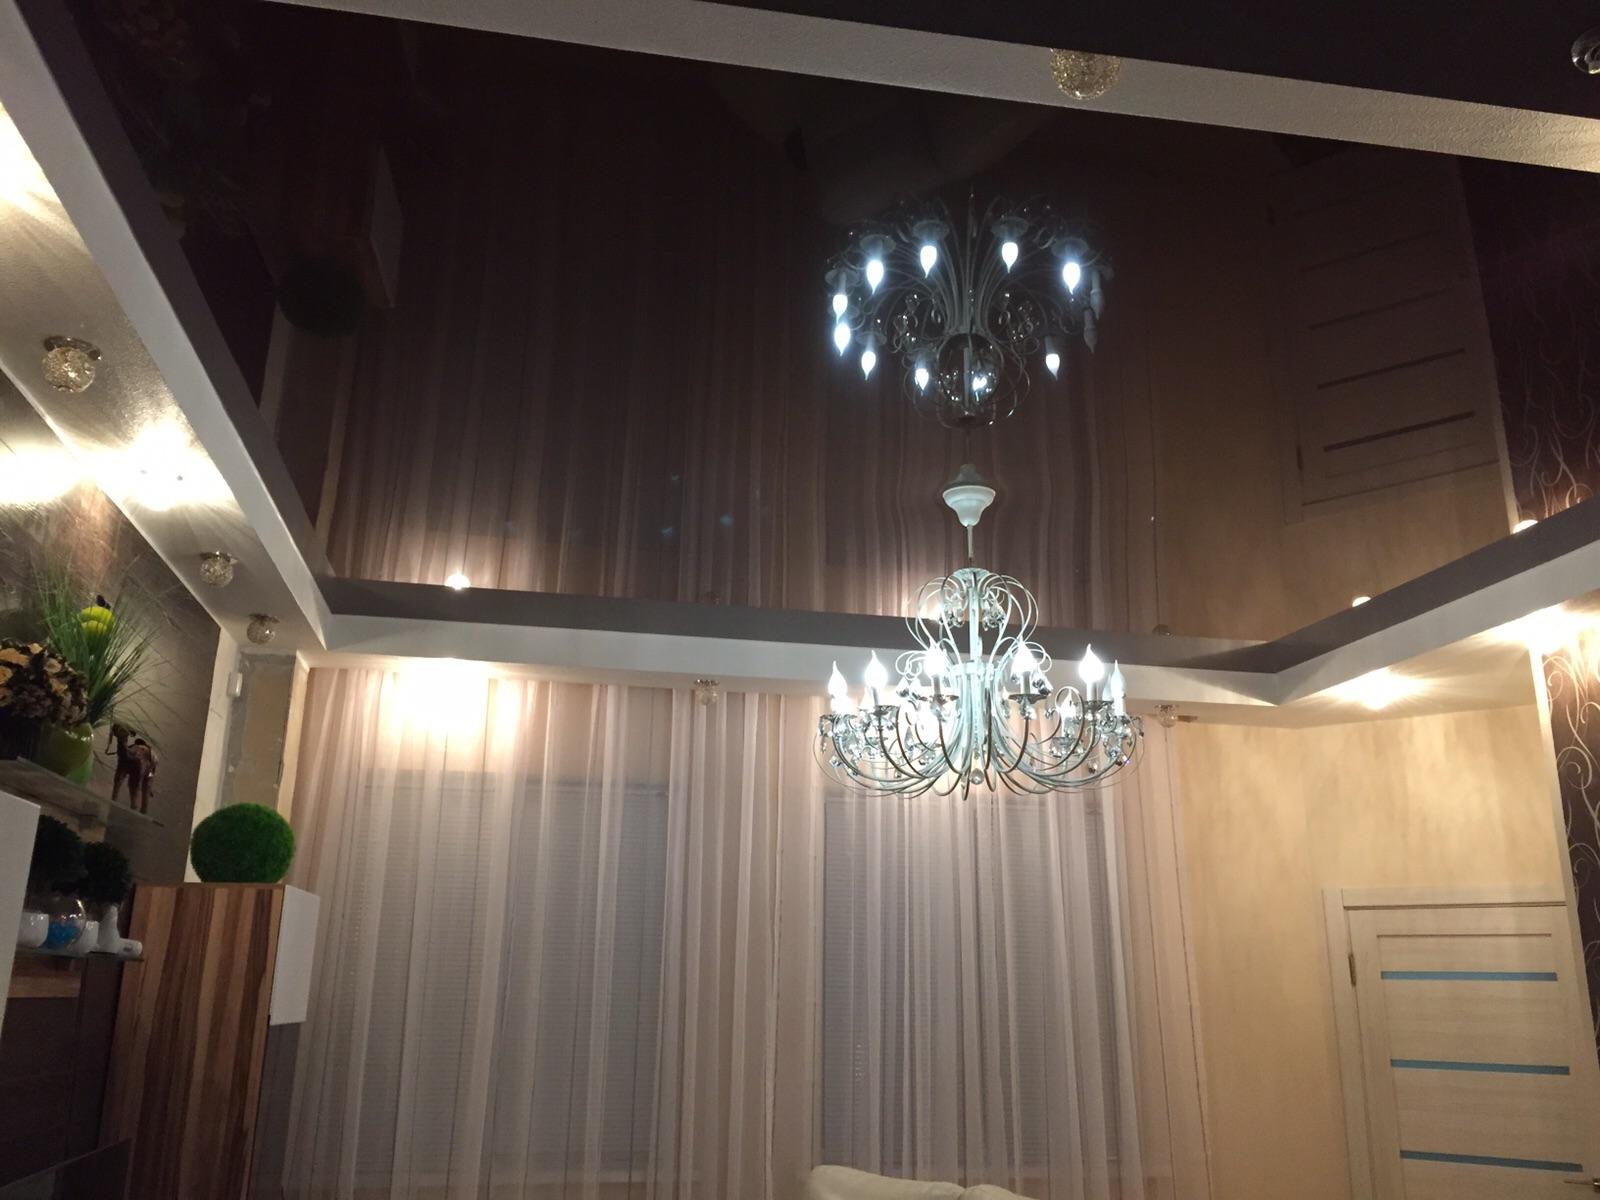 глянцевый потолок35.jpg